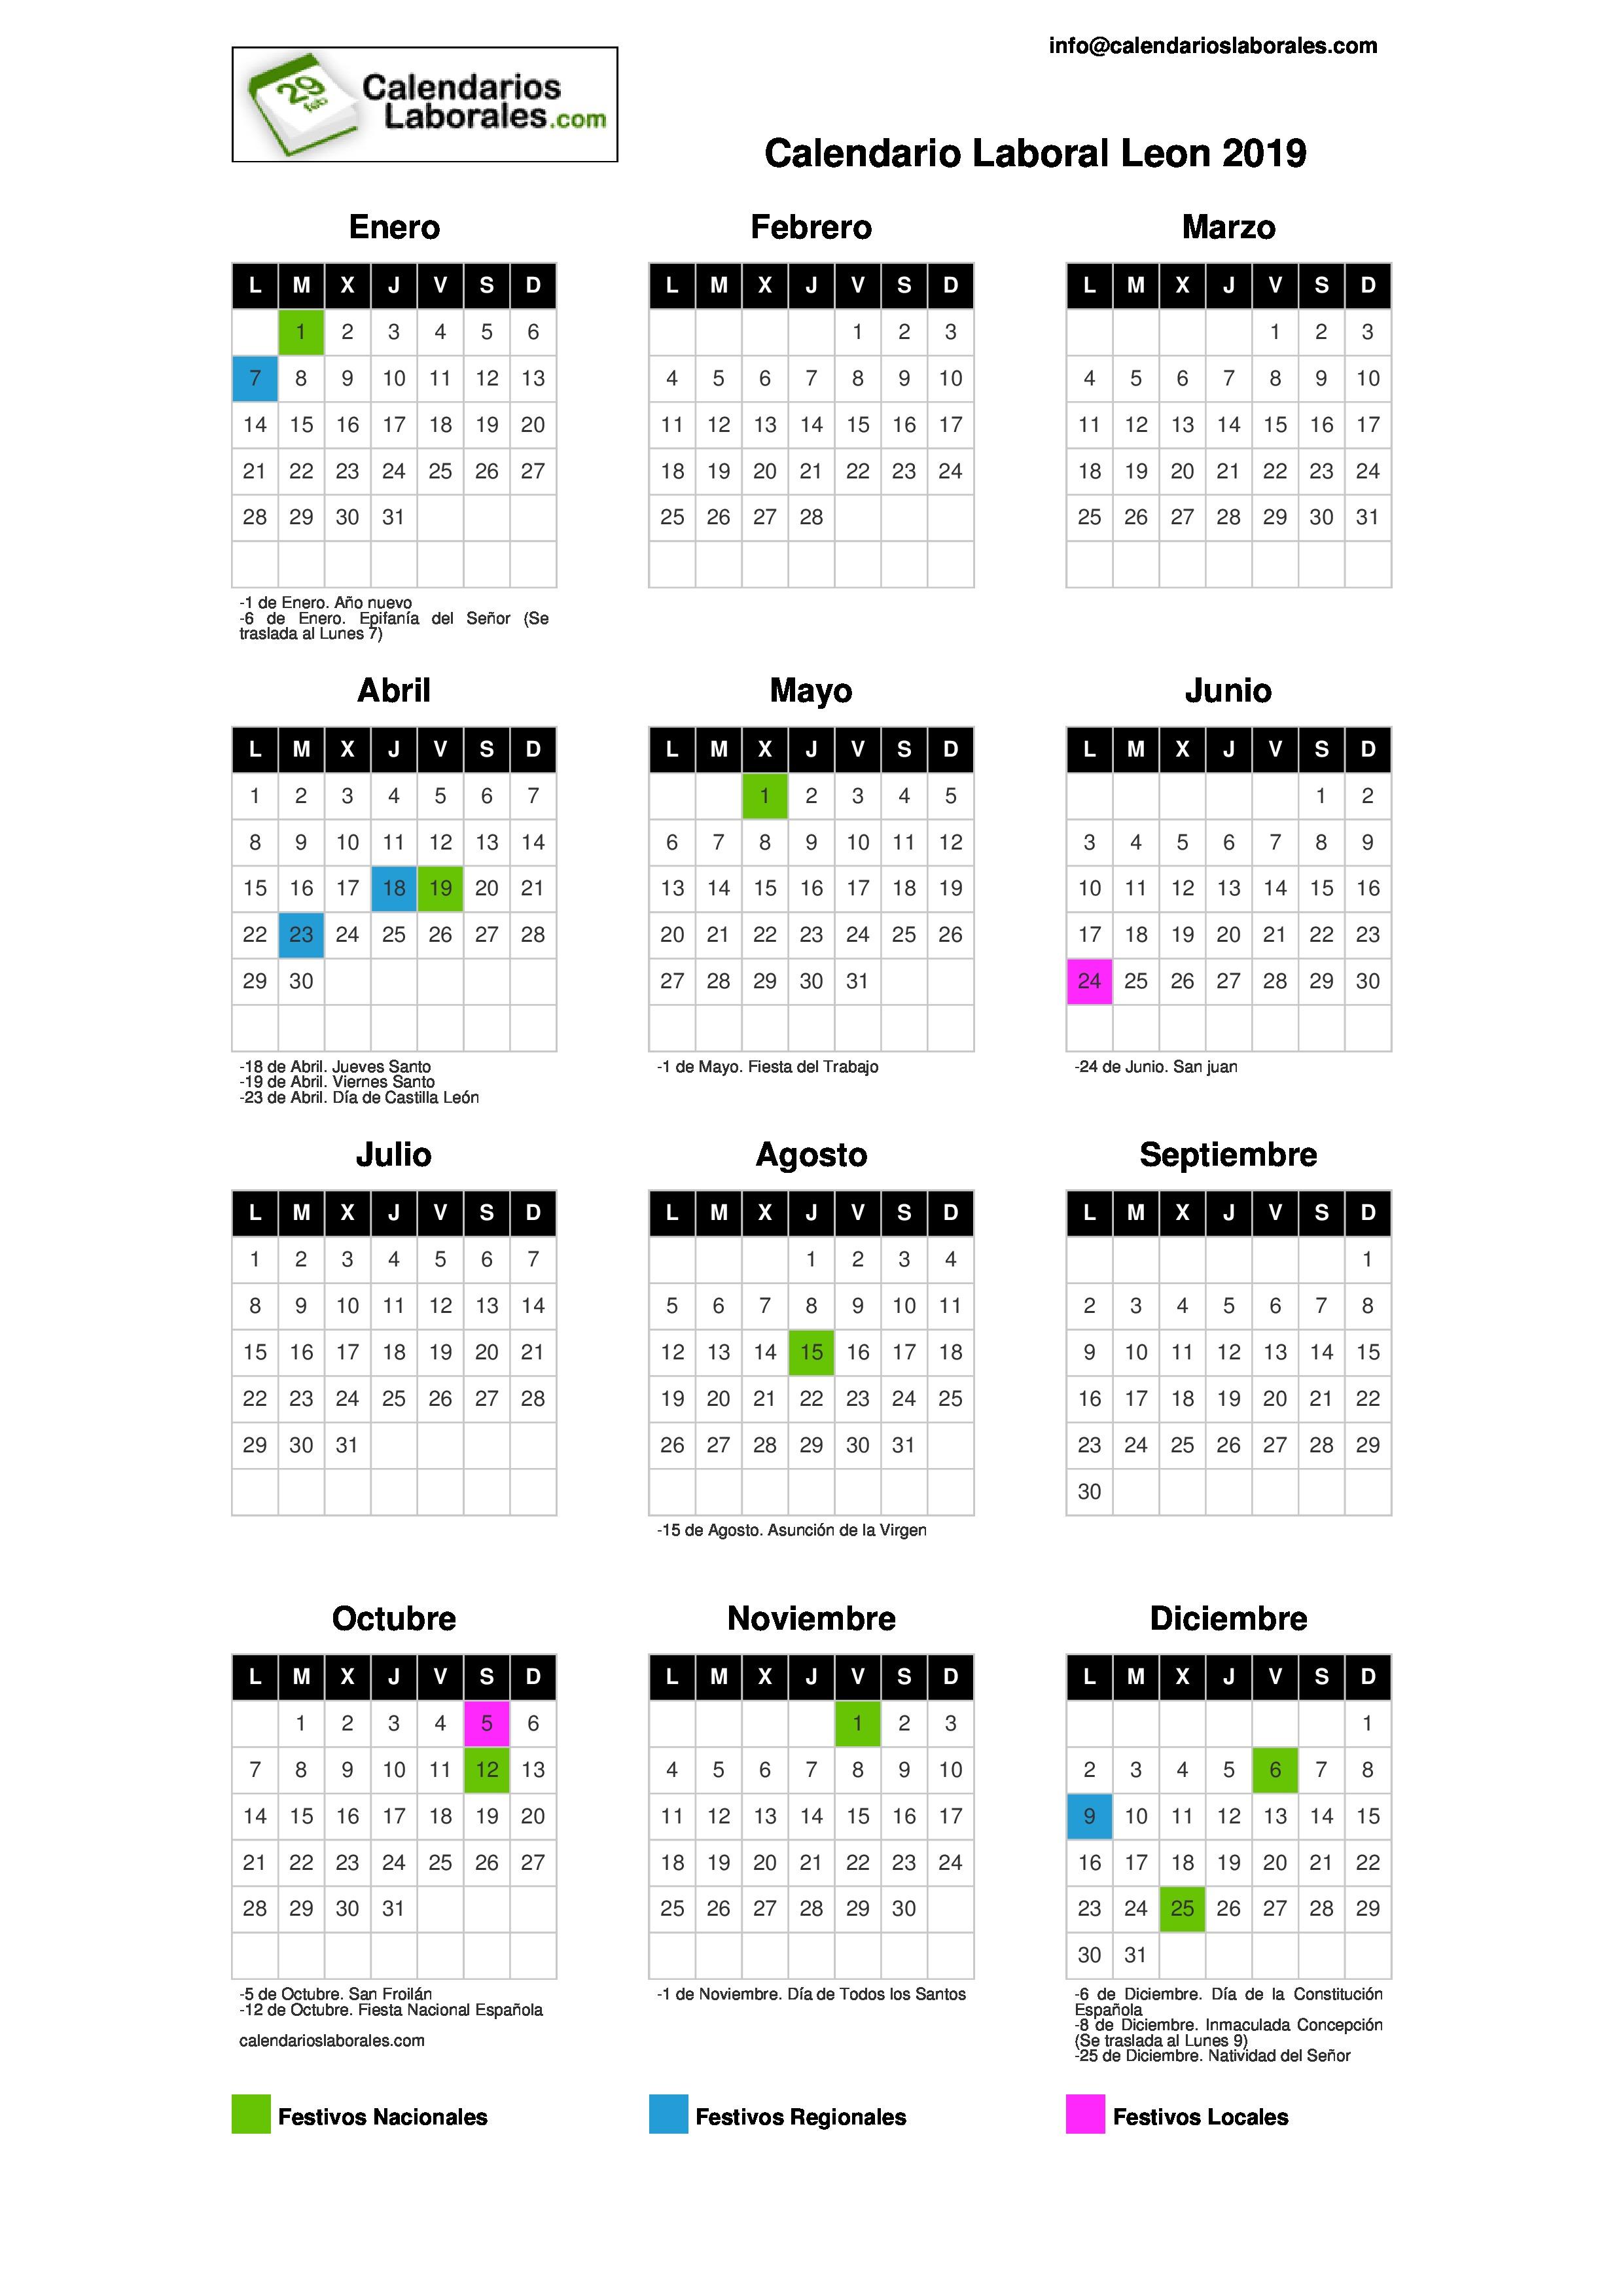 Calendario 2019 Castilla Y Leon.Calendario Laboral Leon 2019